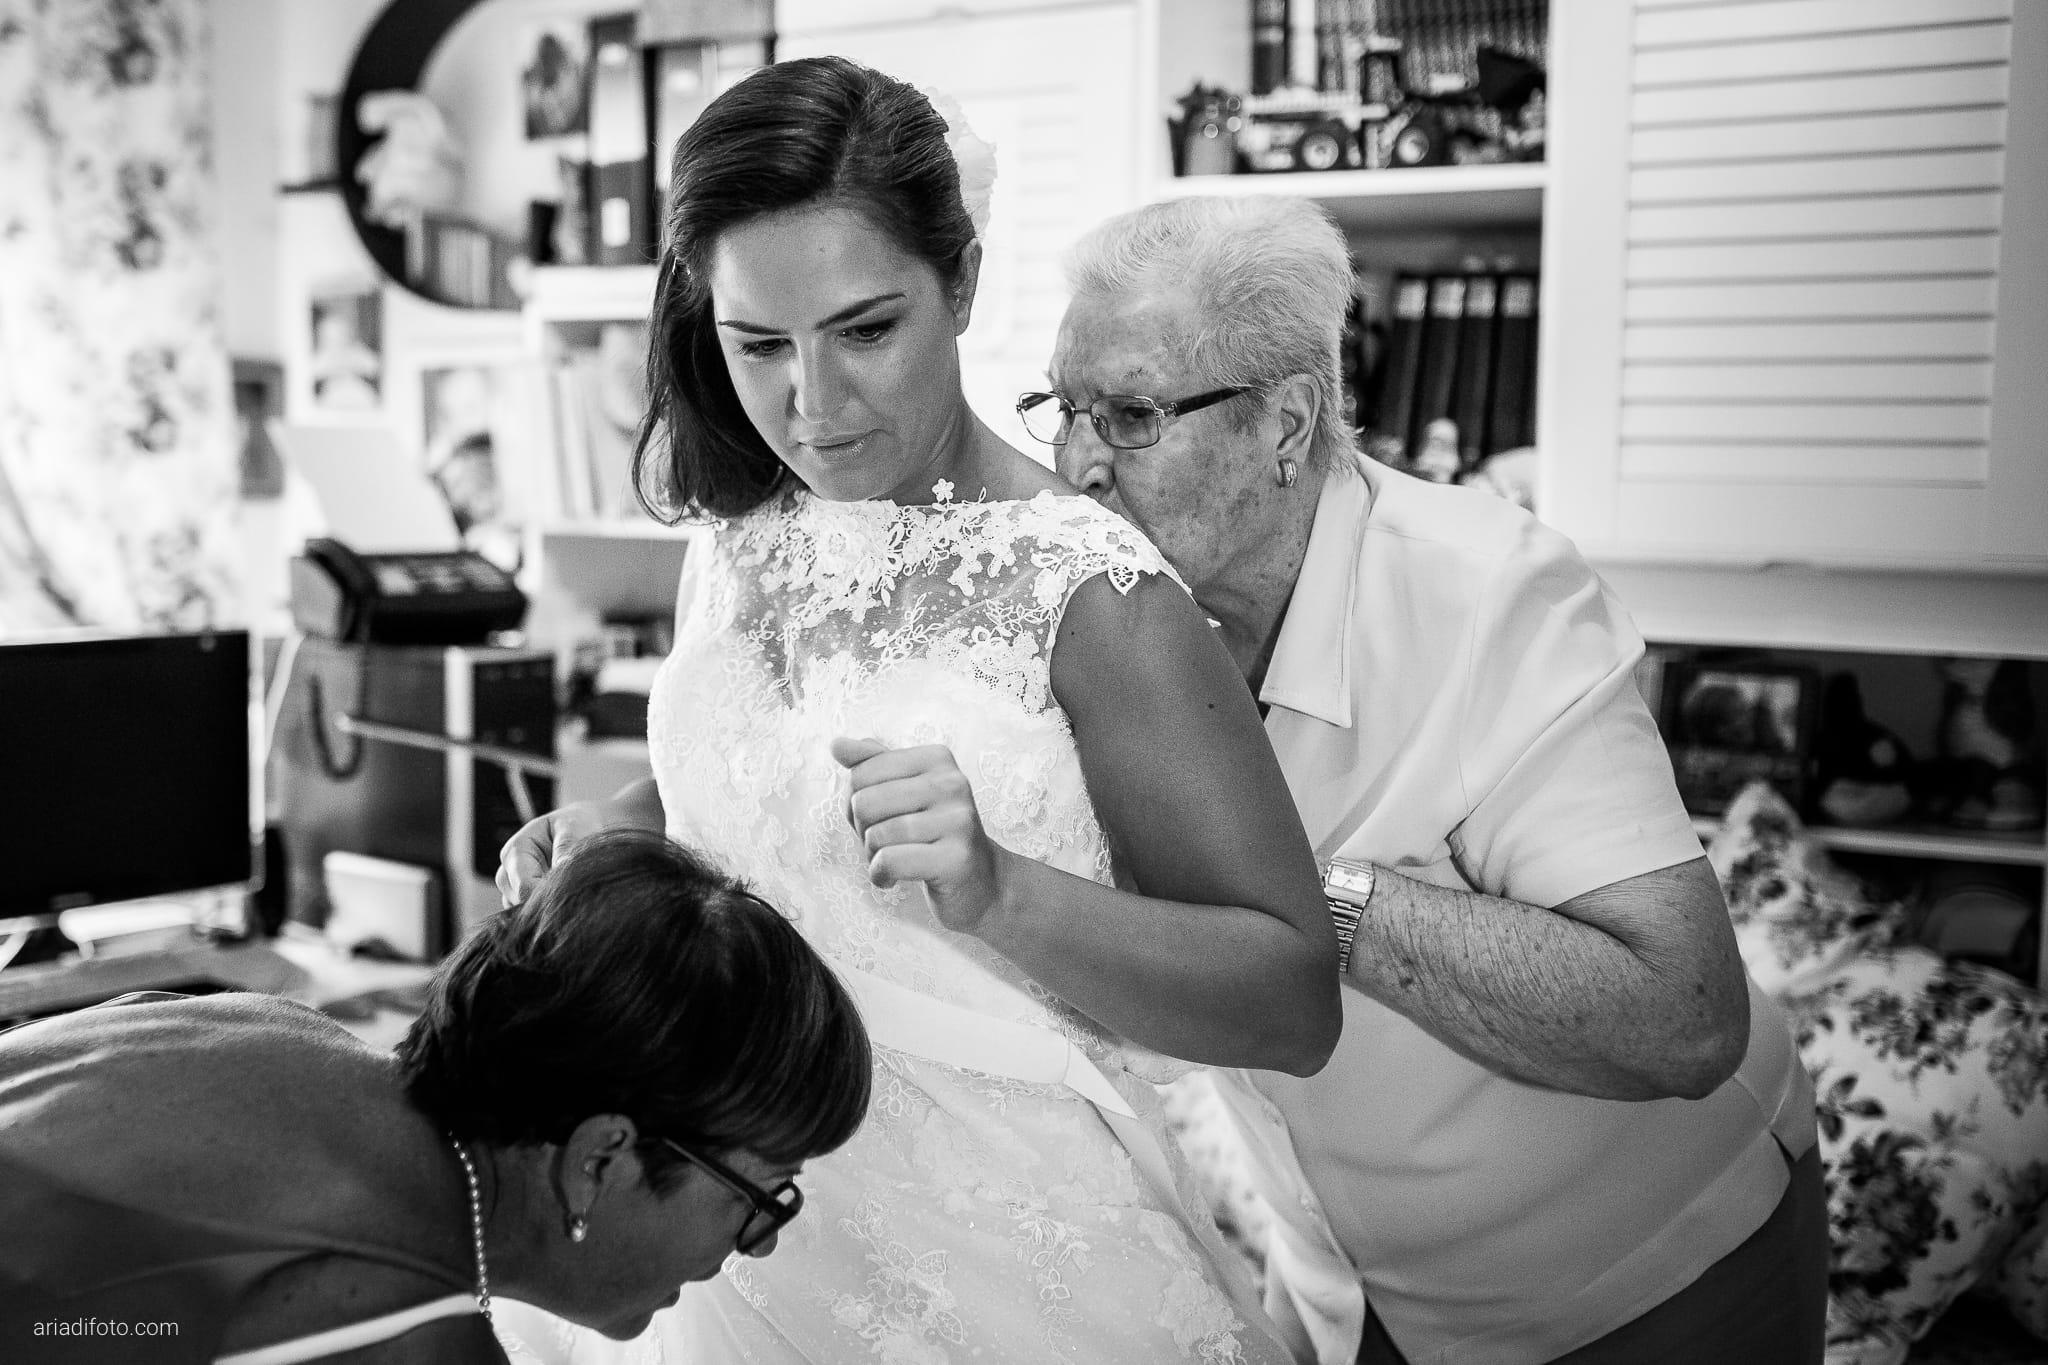 Giorgia Davide Matrimonio Villa Revoltella Salvia Rosmarino Trieste preparativi momenti nonna bacio